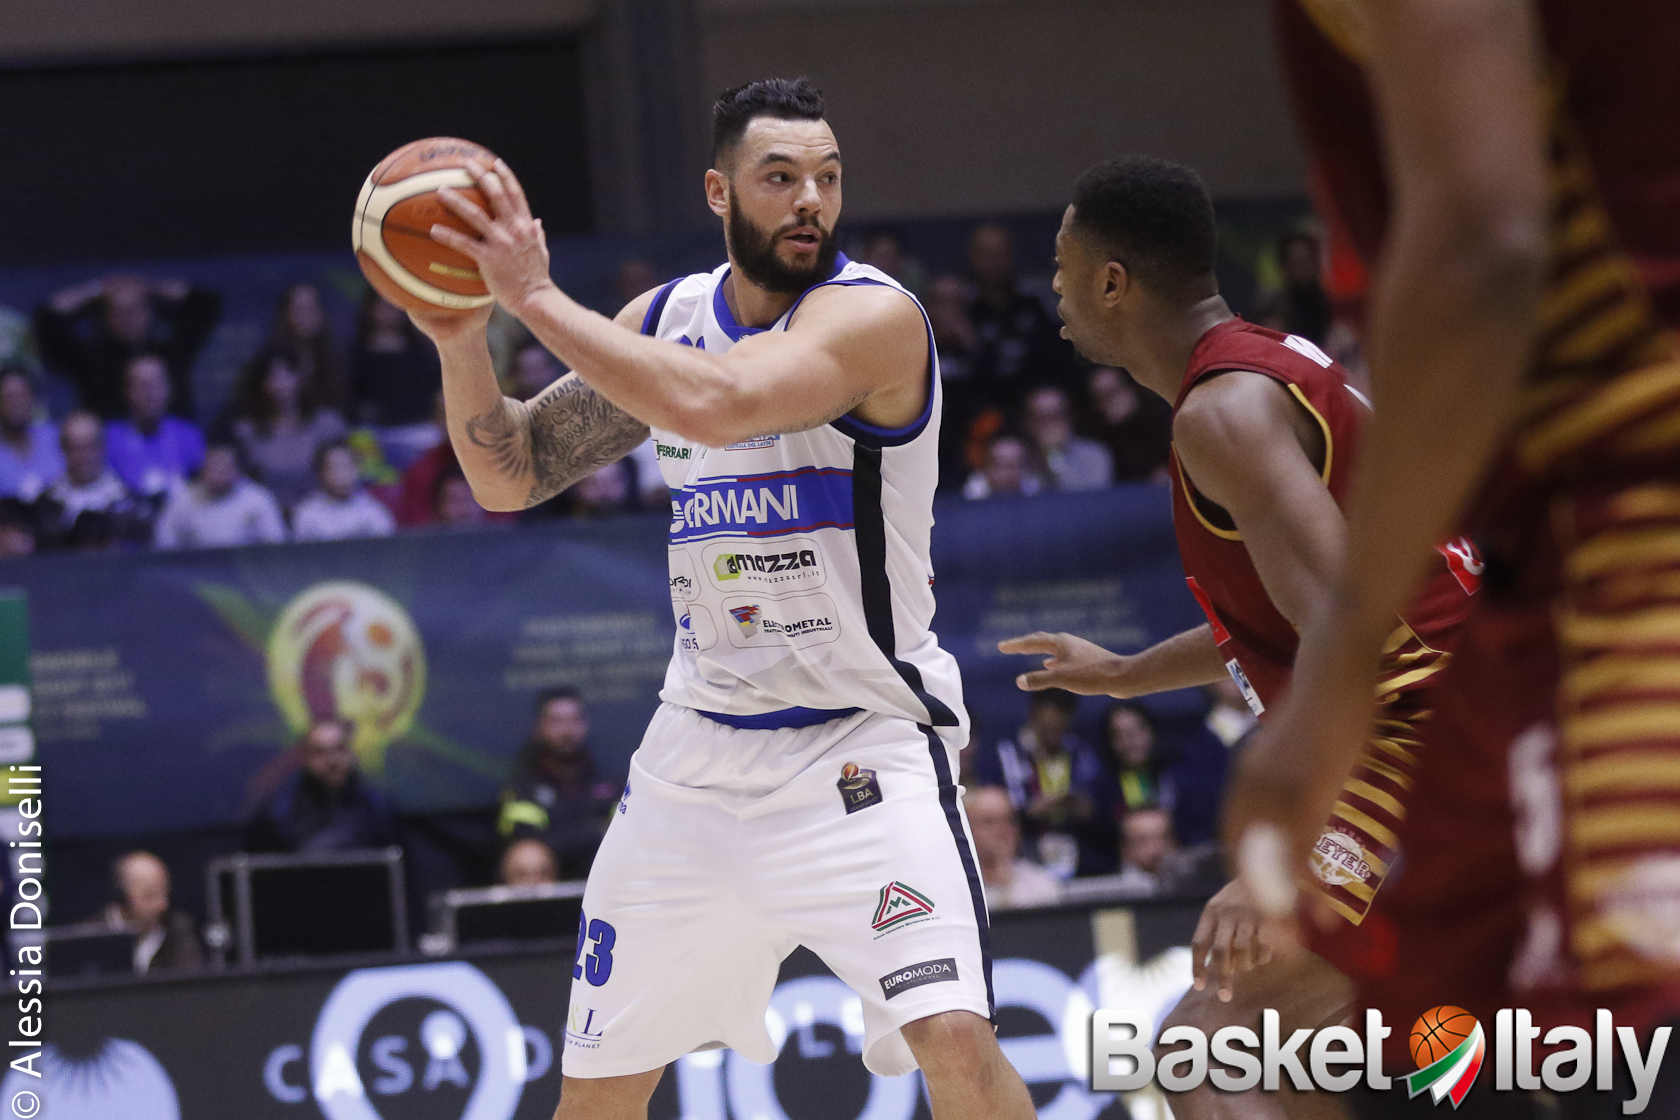 Ufficiale: Christian Burns ritorna alla Leonessa Brescia